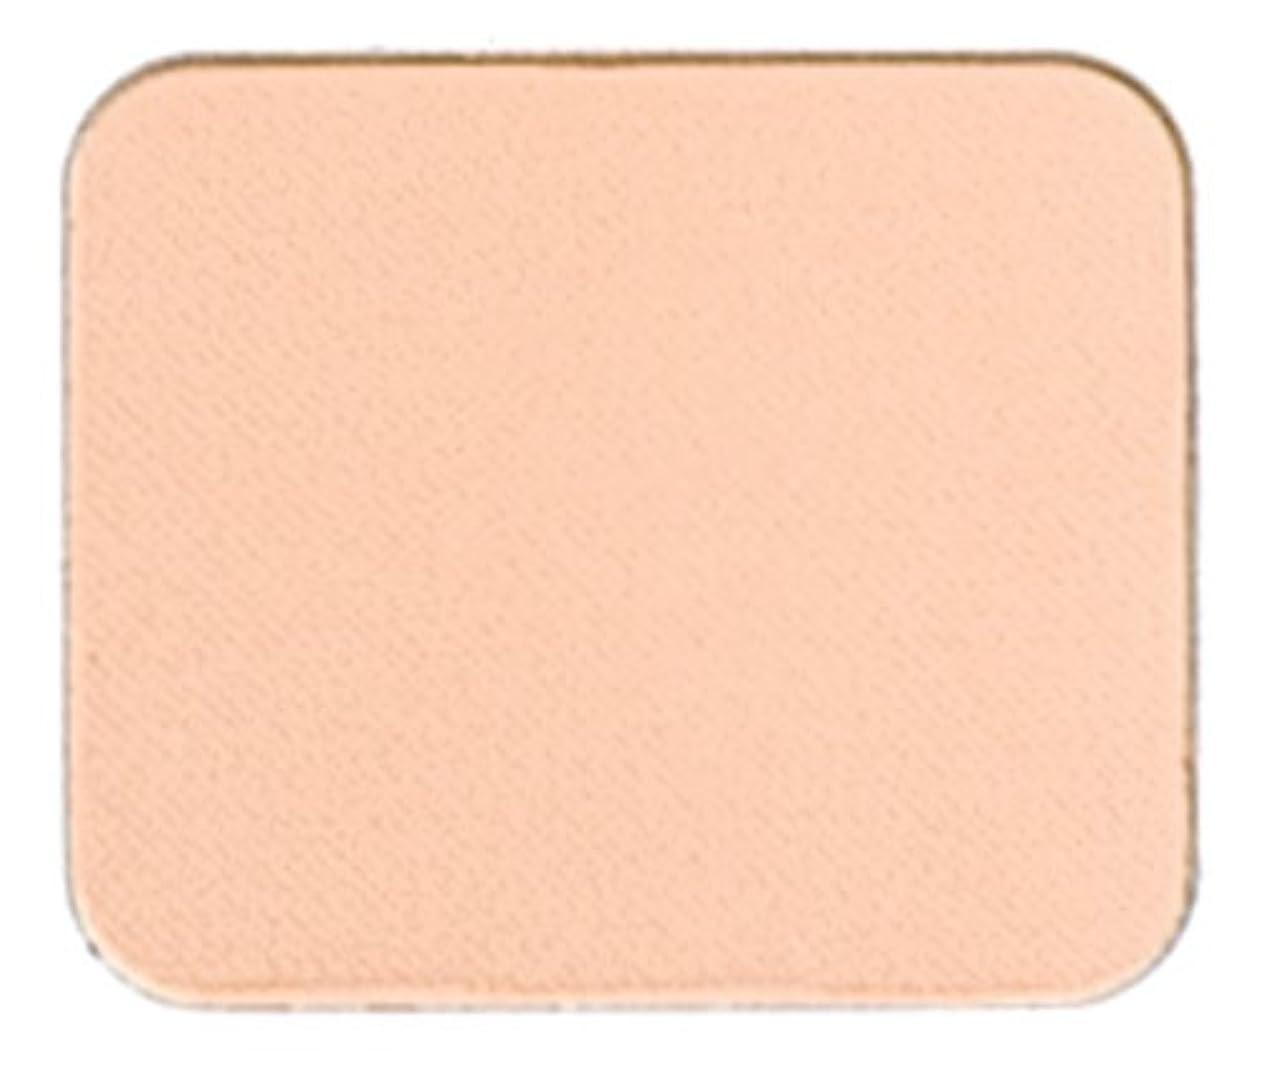 クランシーフレキシブル体系的にドクターシーラボ BBパーフェクトファンデーション WHITE377プラス ナチュラル1(明るい肌色) 12g SPF25 PA++